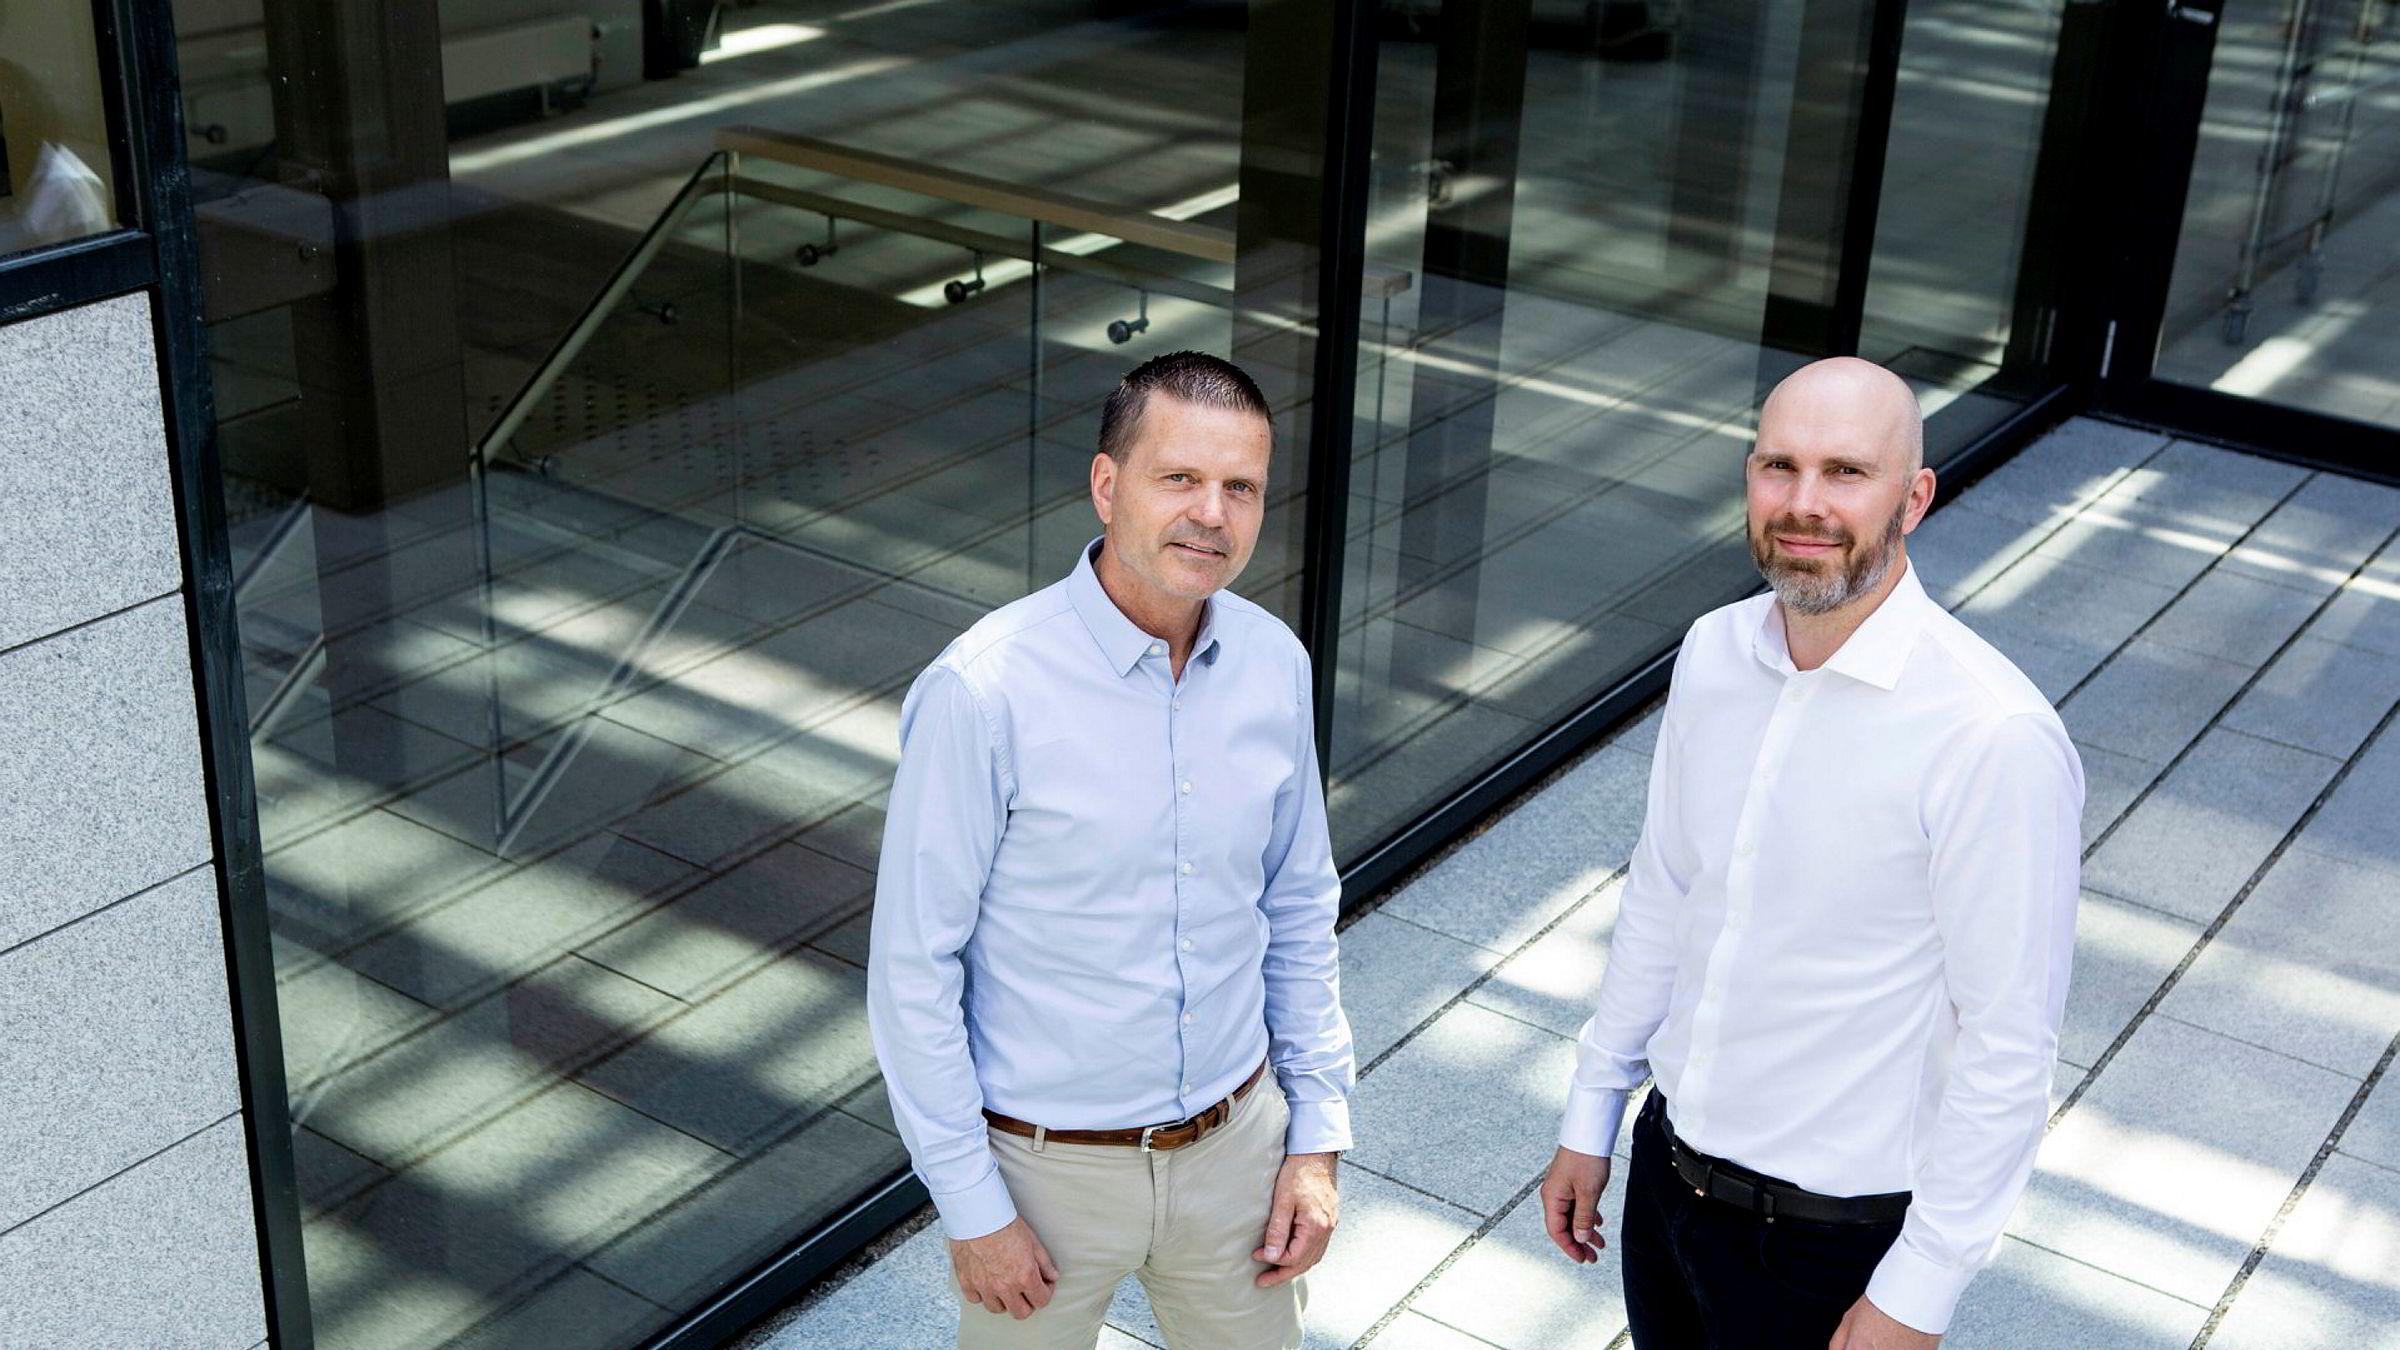 Administrerende direktør Terje Wibe (til venstre) og finansdirektør Fredrik Eeg i teknologiselskapet Mercell. Nå vil de hente mer penger og gå på børs for å fortsette å gjøre oppkjøp.